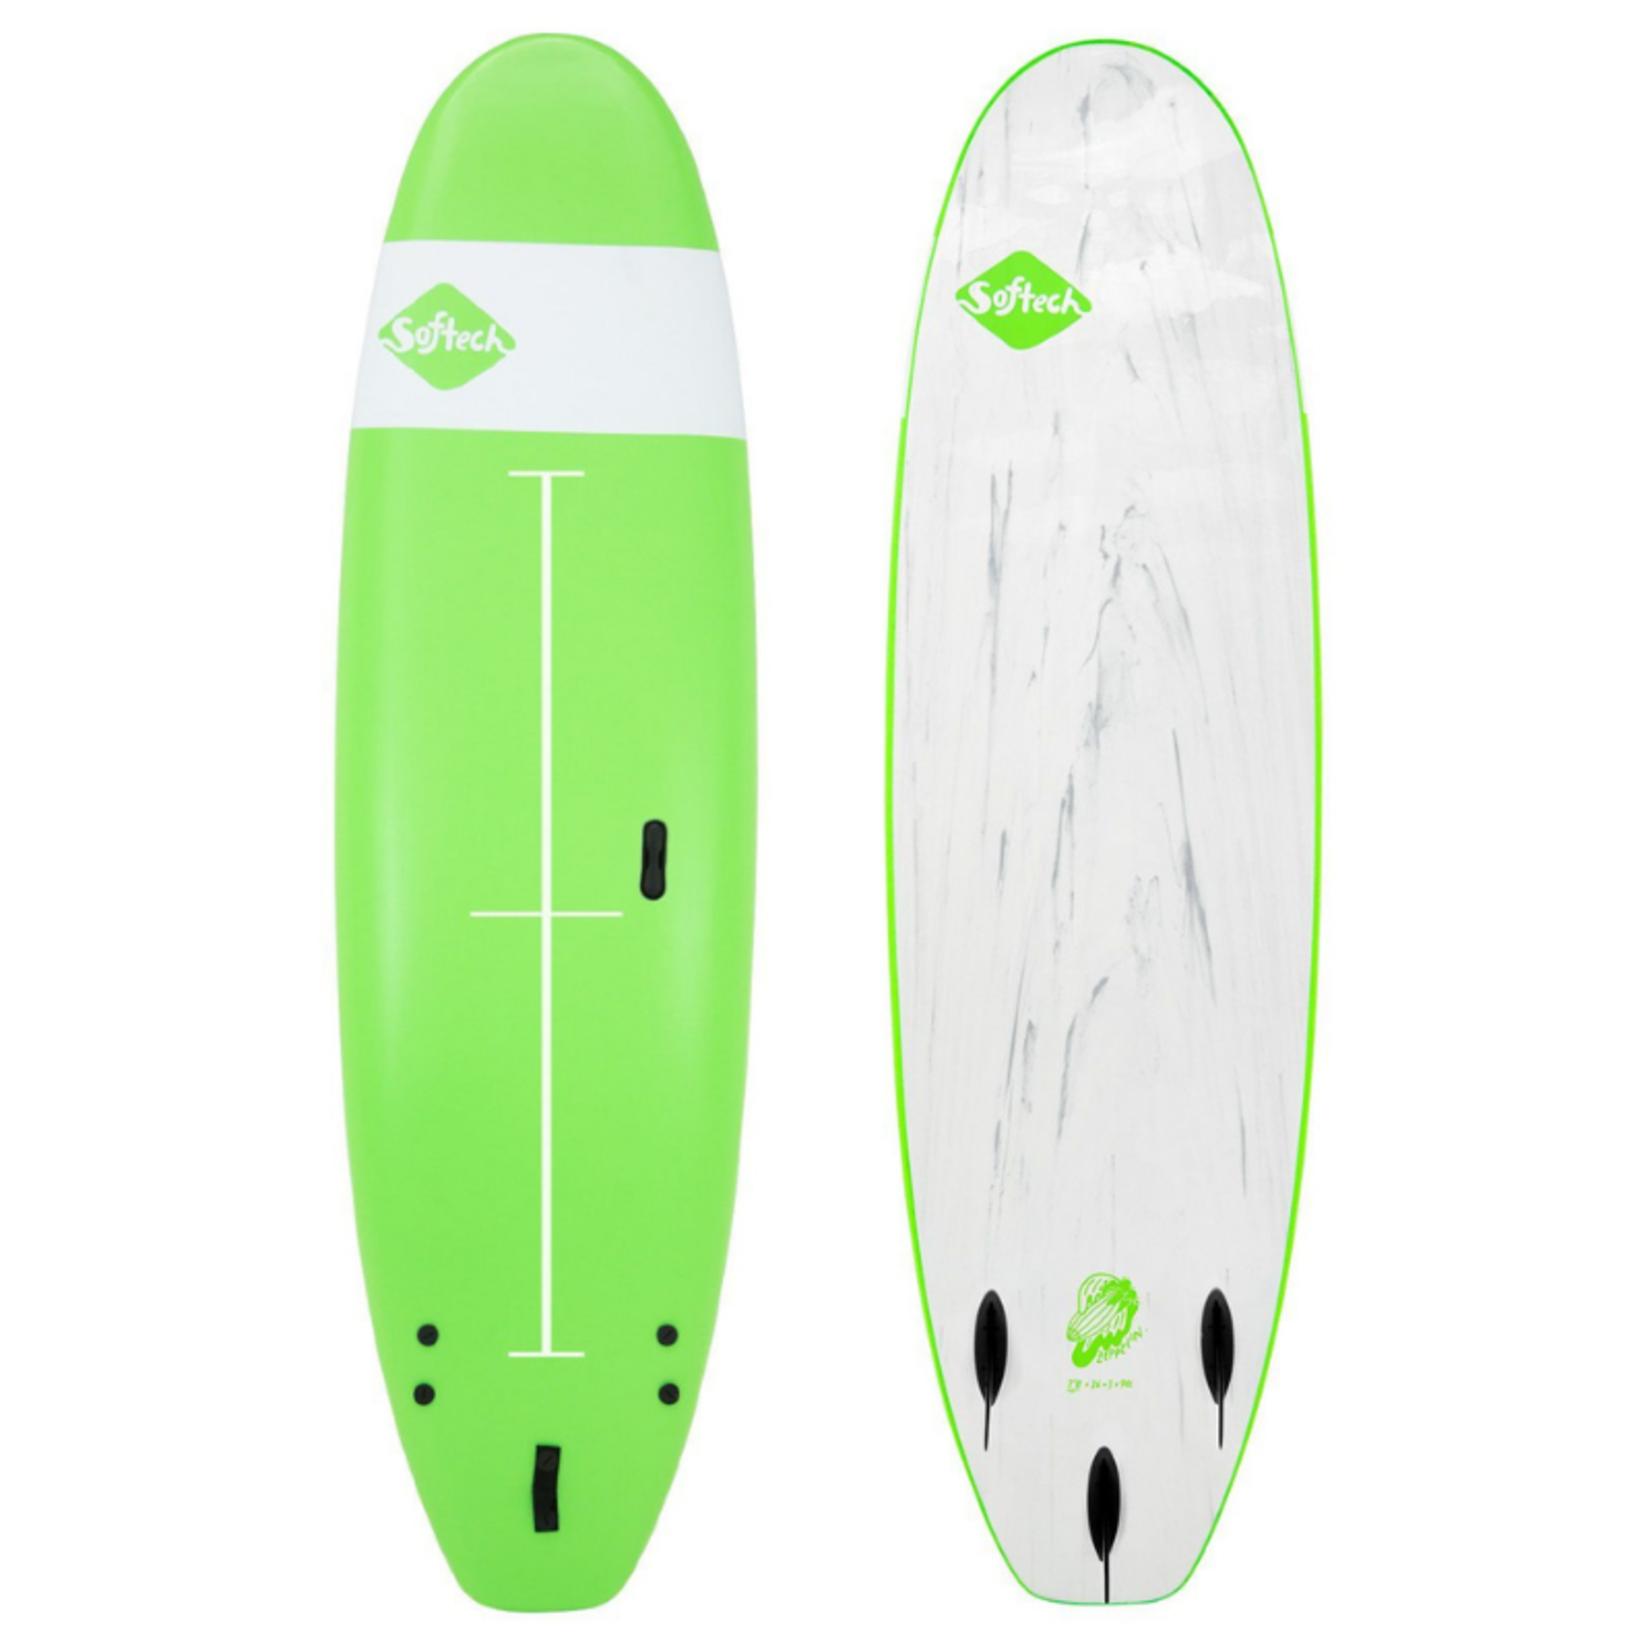 Softech Surfboards 8'0 Softech Zeppelin Green